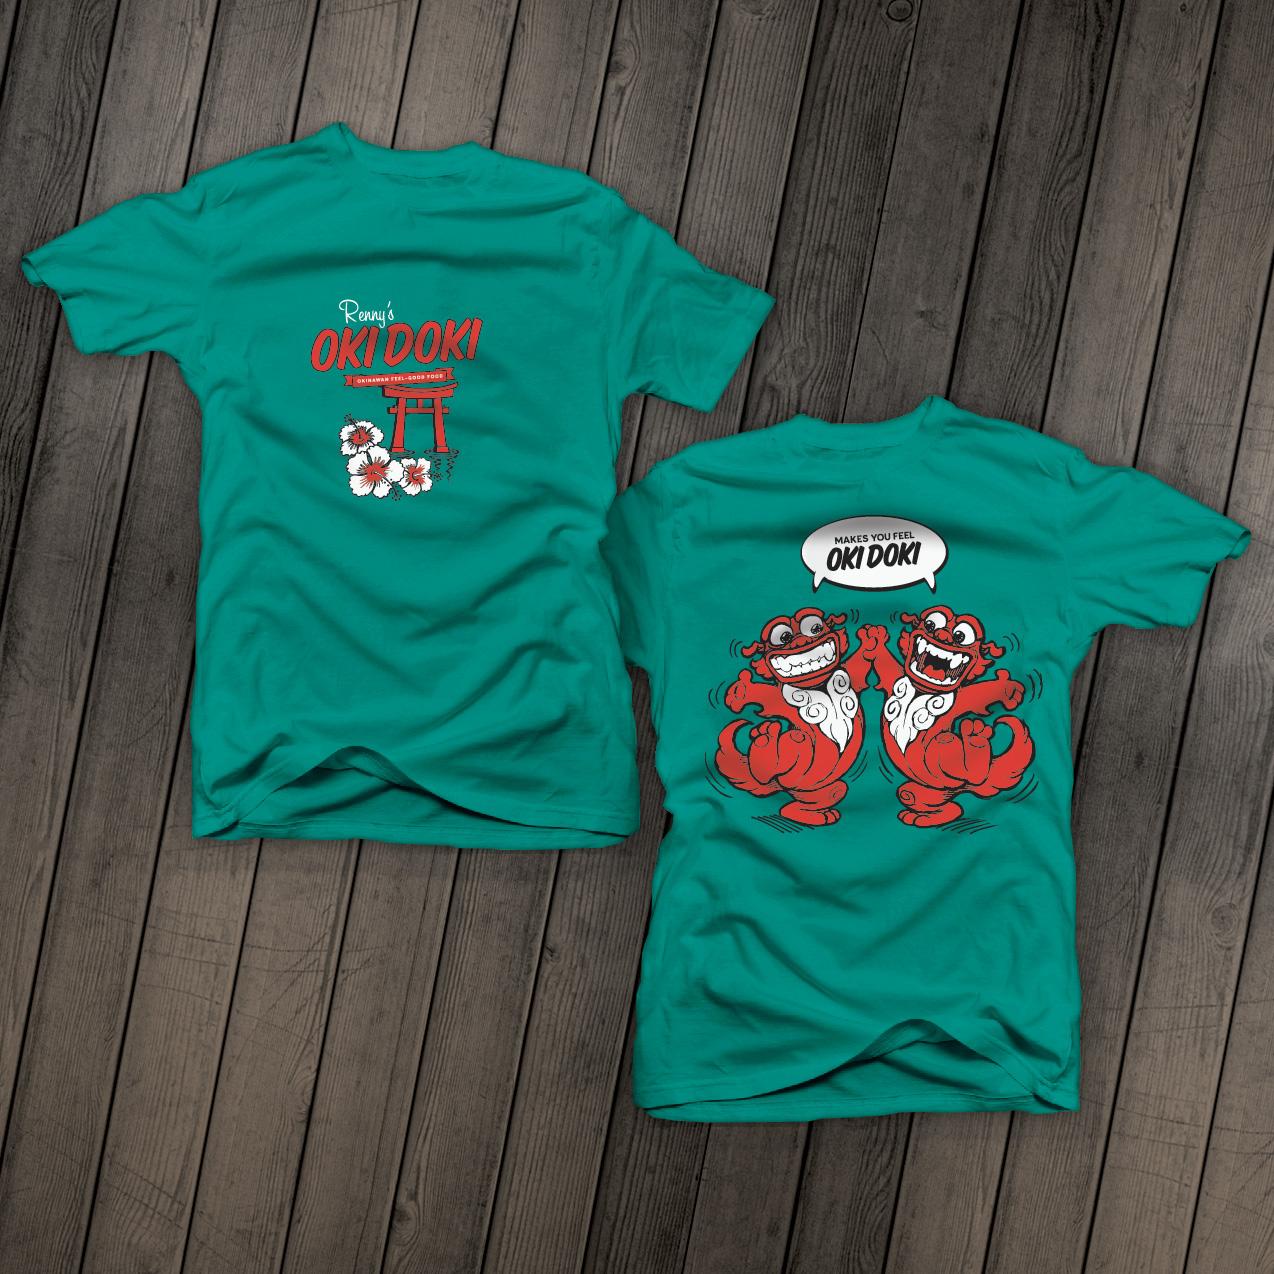 Oki Doki T-shirt